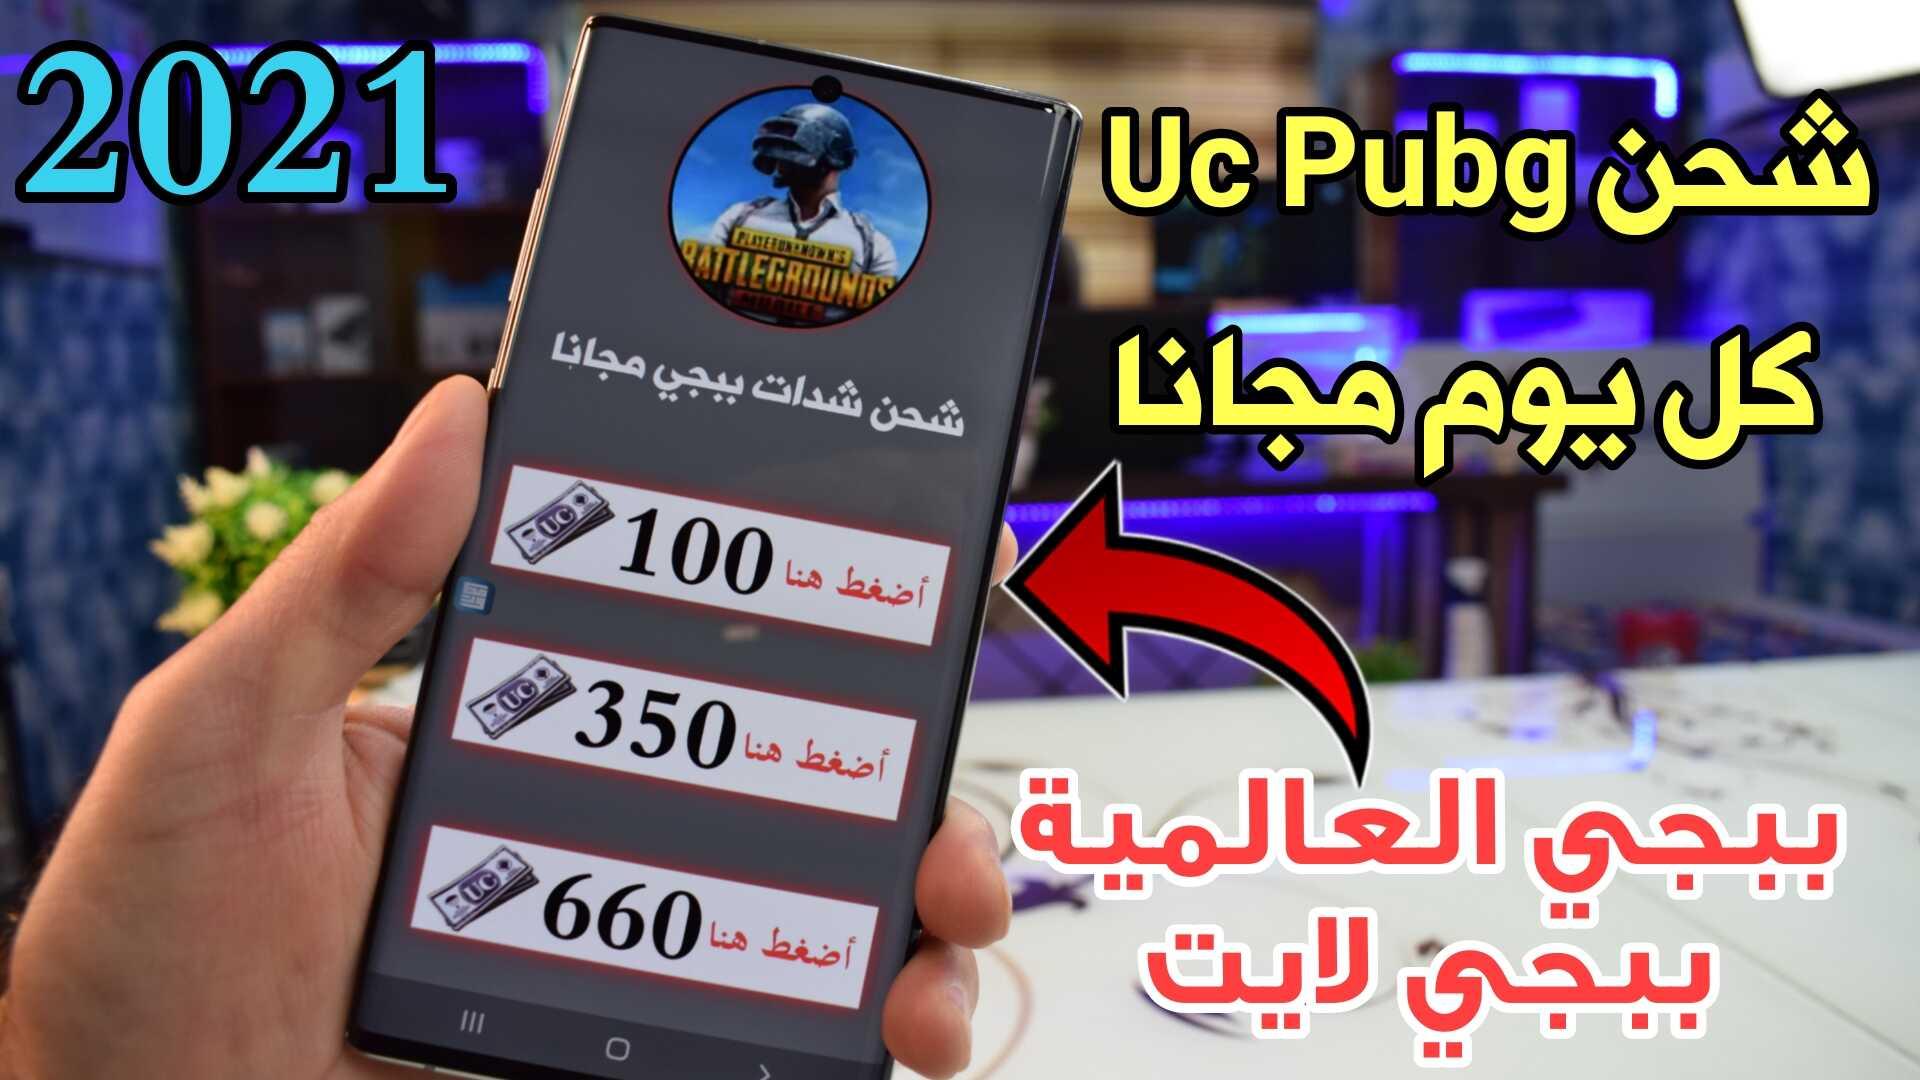 شحن شدات Uc Pubg مجانا كل يوم لأول مرة يتم شرحة 2021